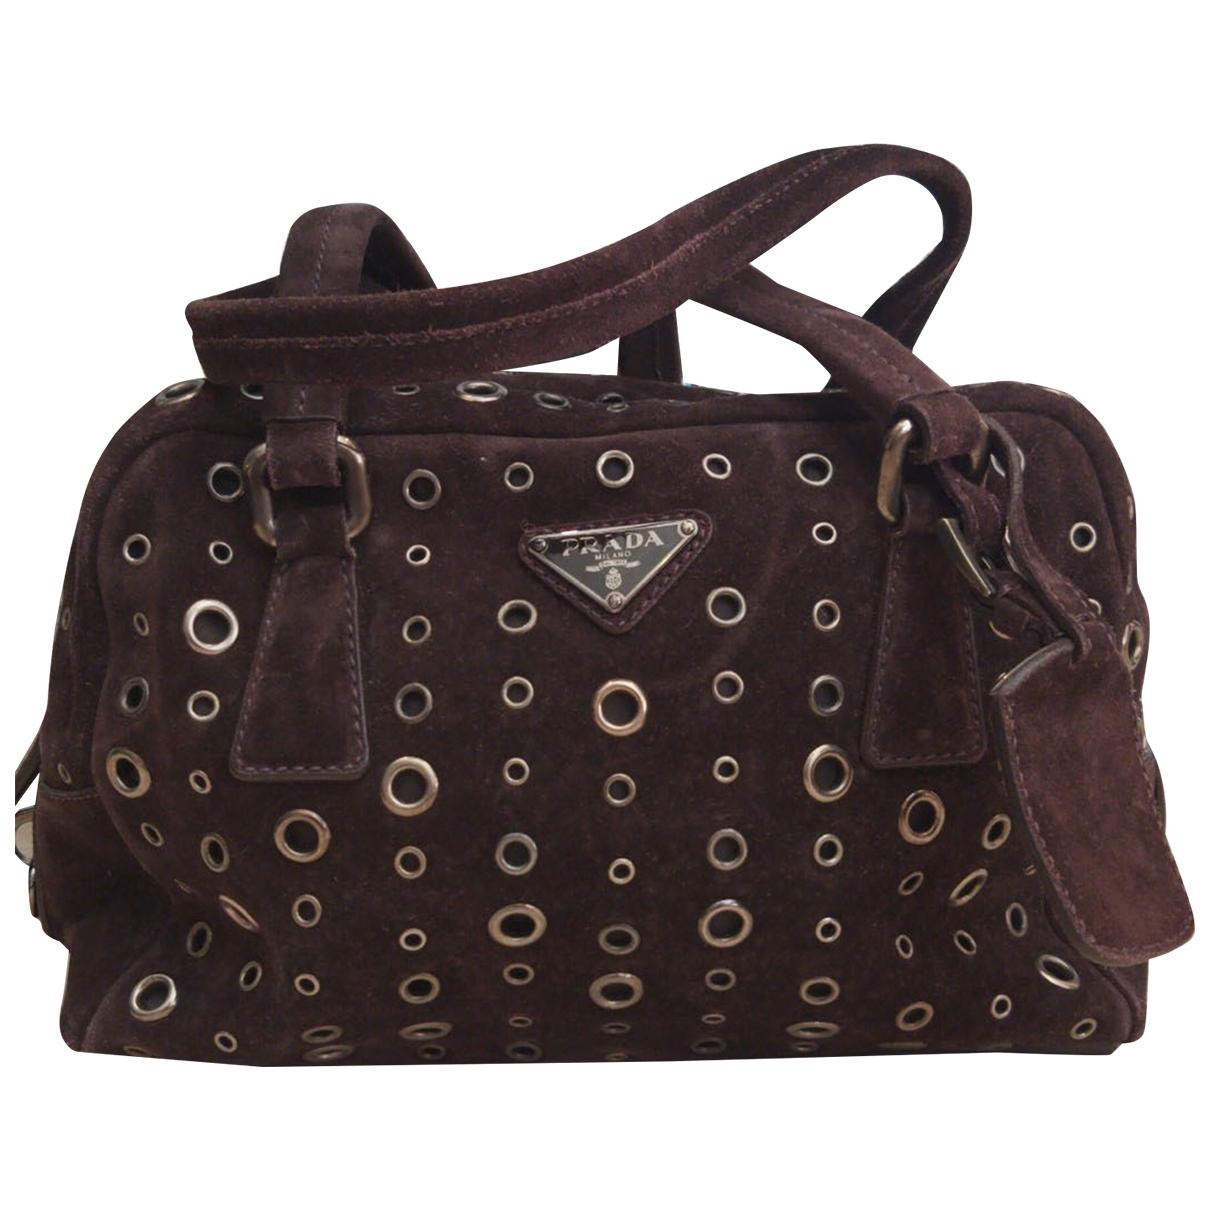 Prada \N Brown Suede handbag for Women \N